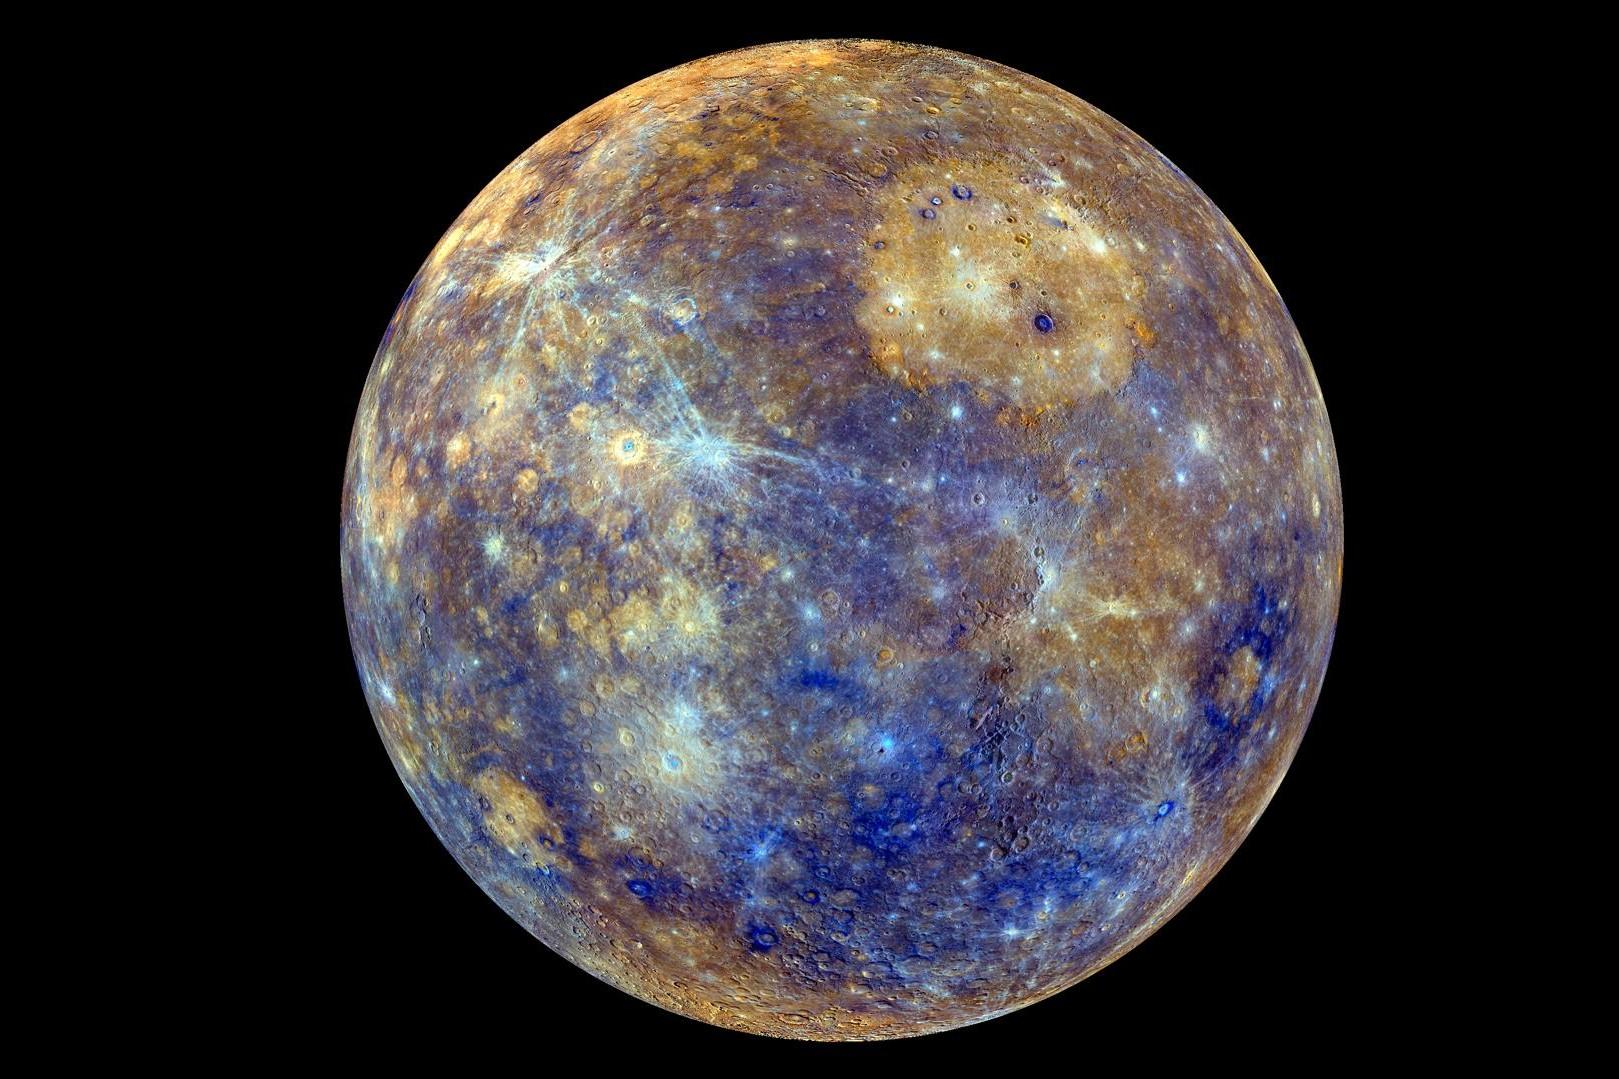 Le 5 mars 2021, ne manquez pas la rencontre de Mercure et Jupiter - RTL.fr